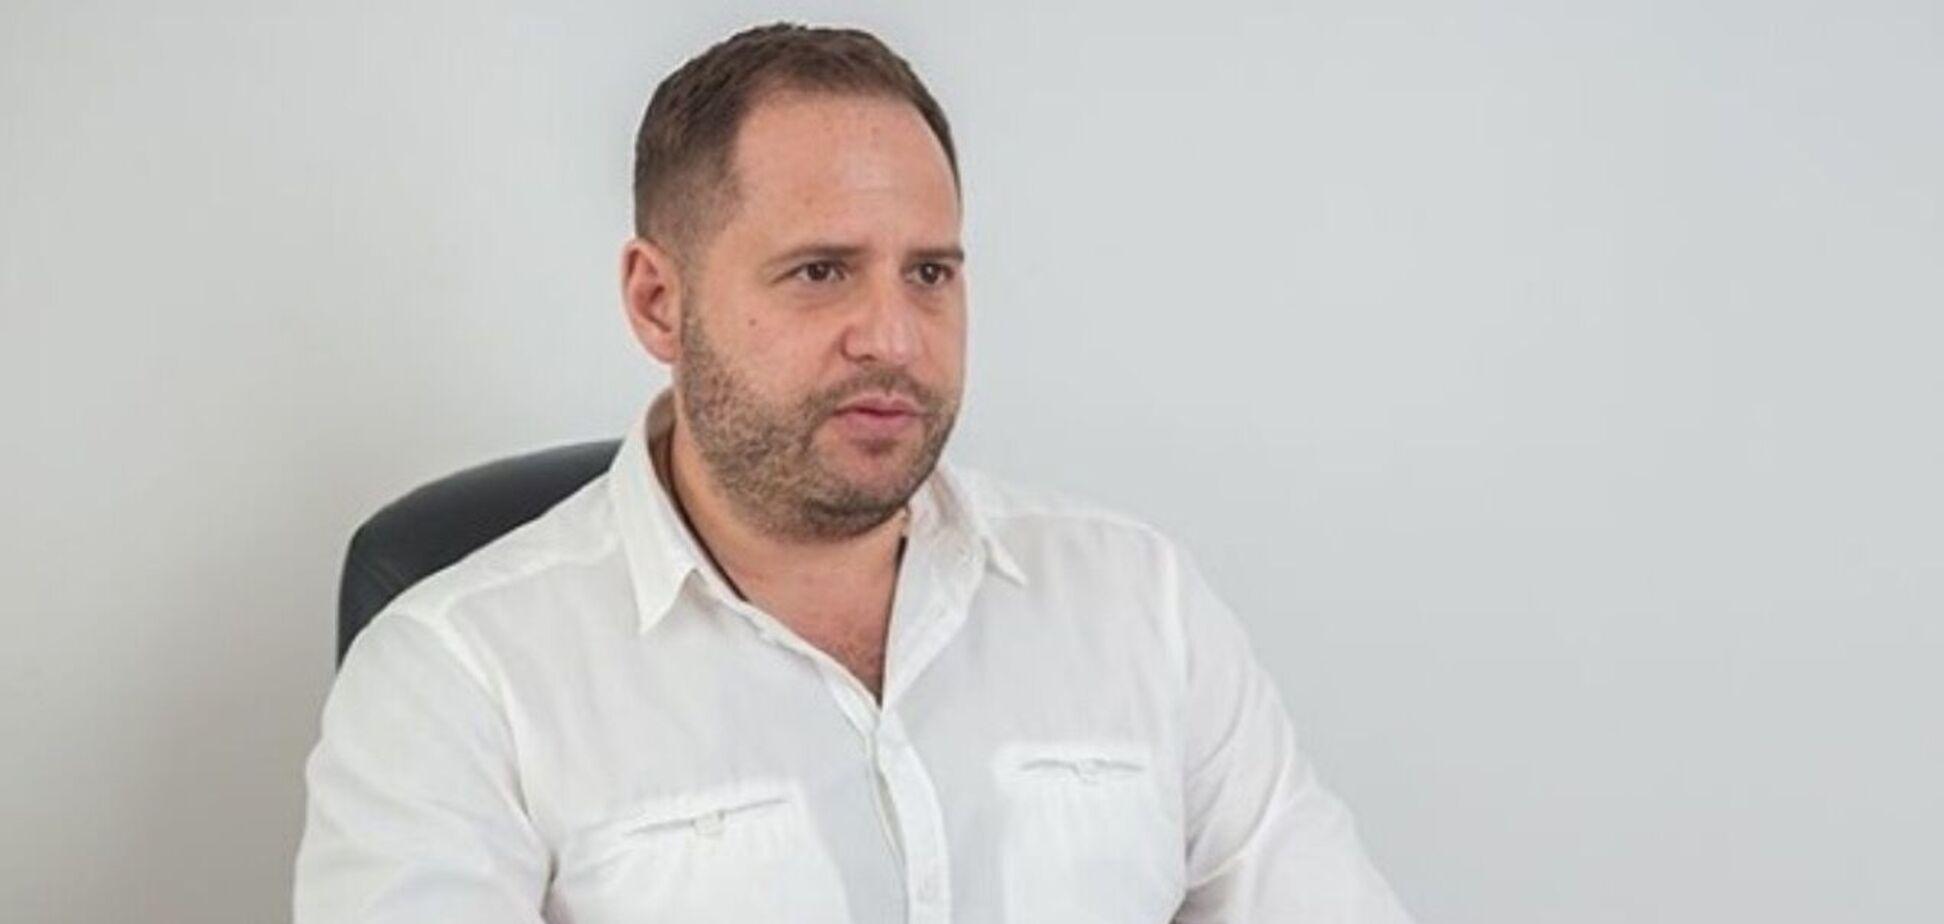 Ермак призвал представителей ТКГ не затягивать процесс переговоров. Фото: ua-rating